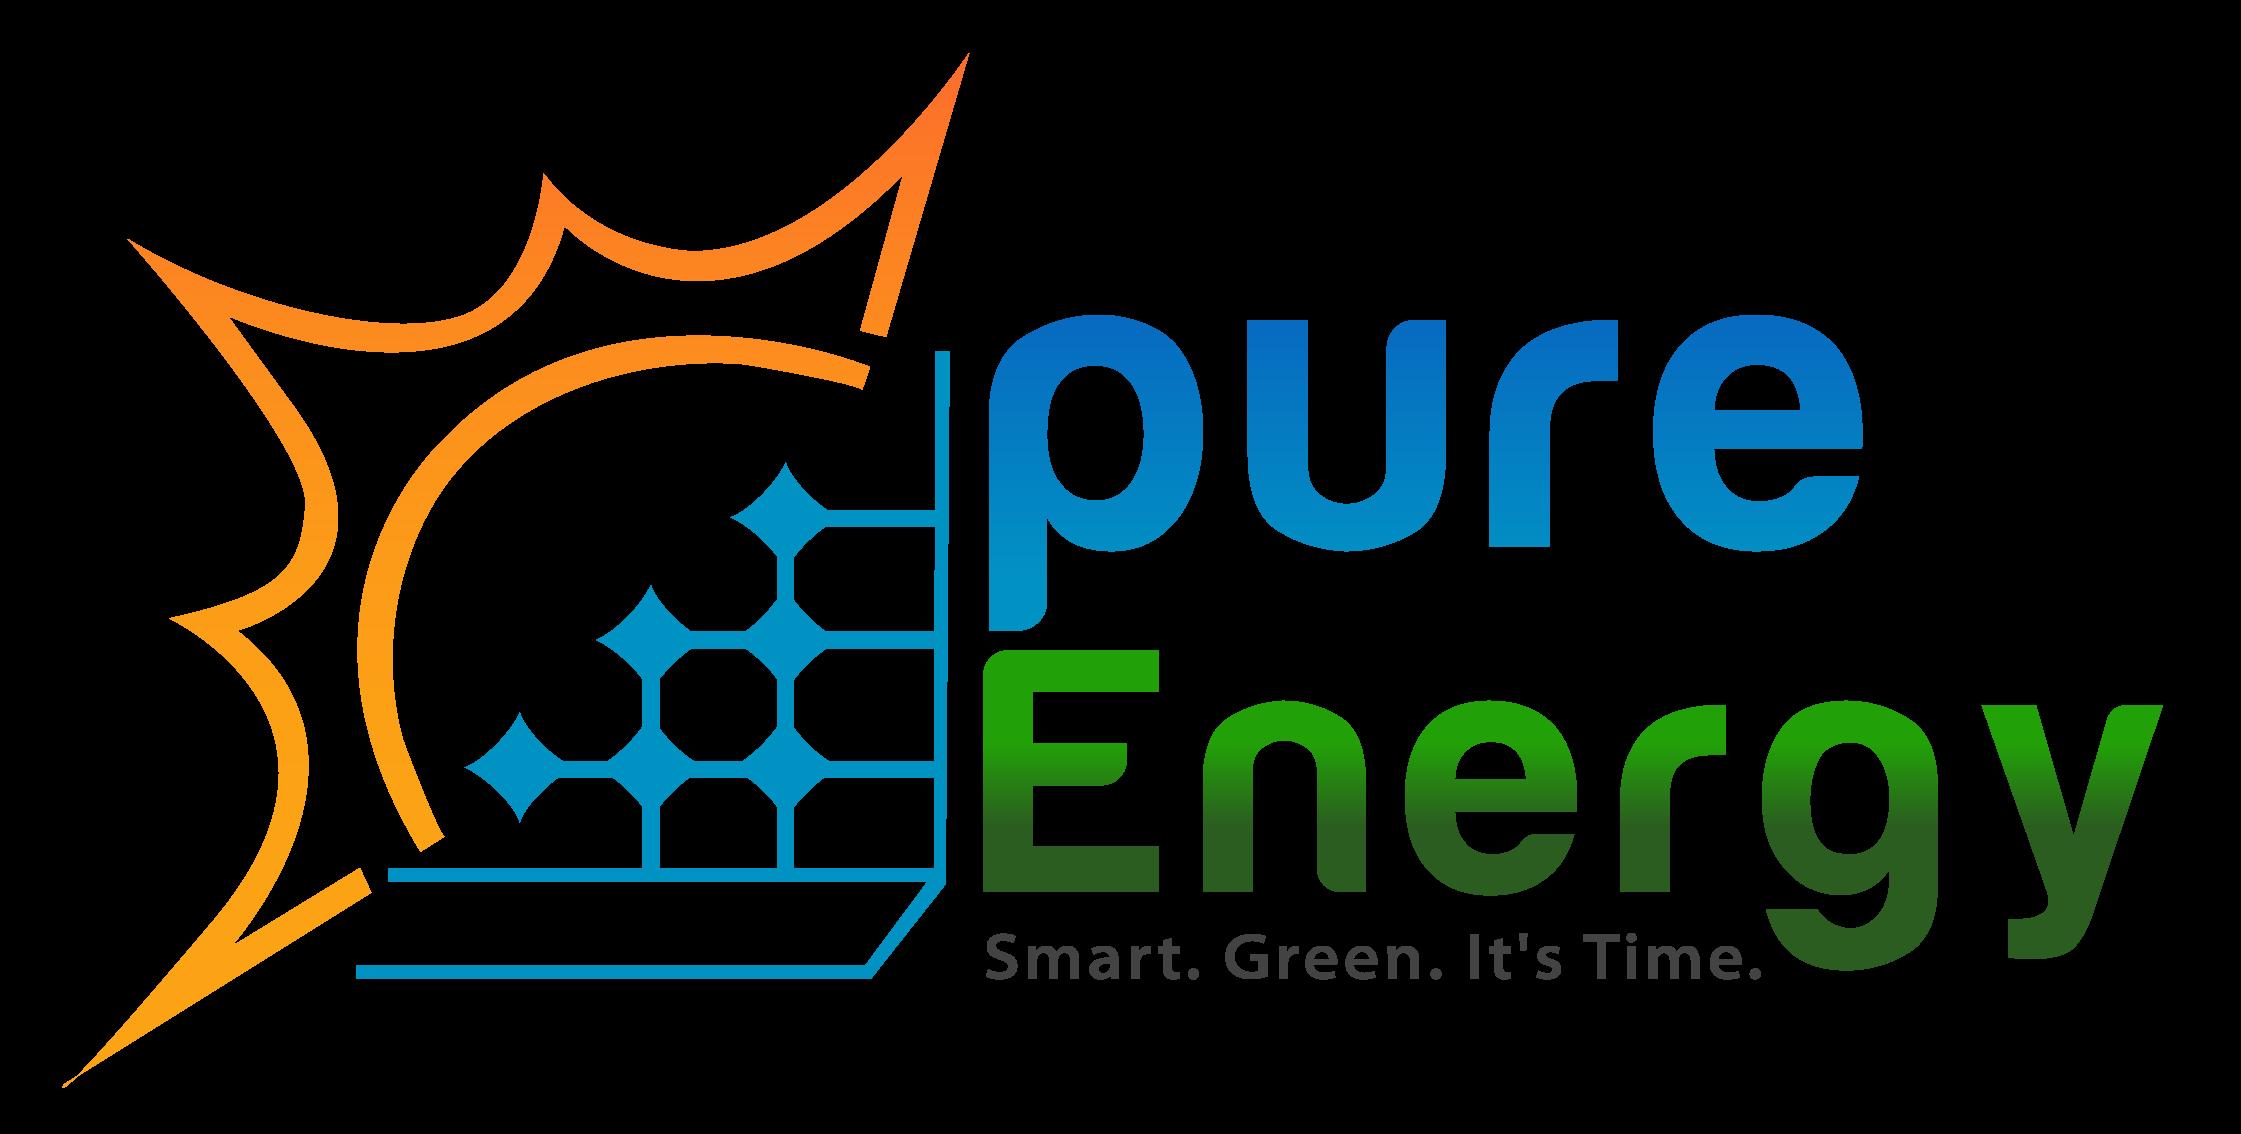 PE solar reviews, complaints, address & solar panels cost